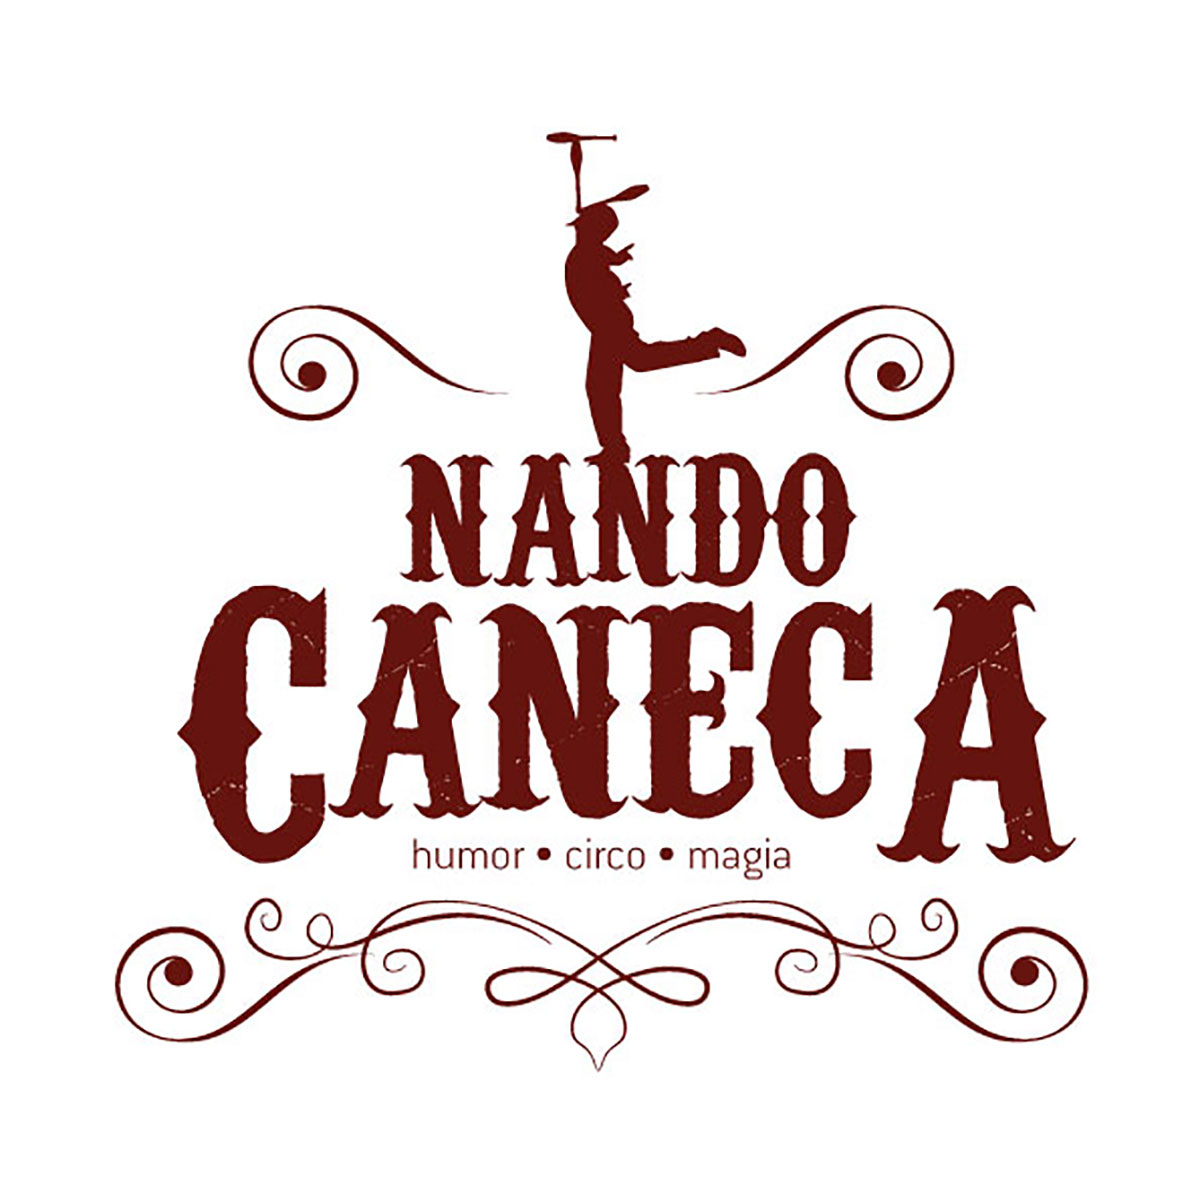 NANDO CANECA